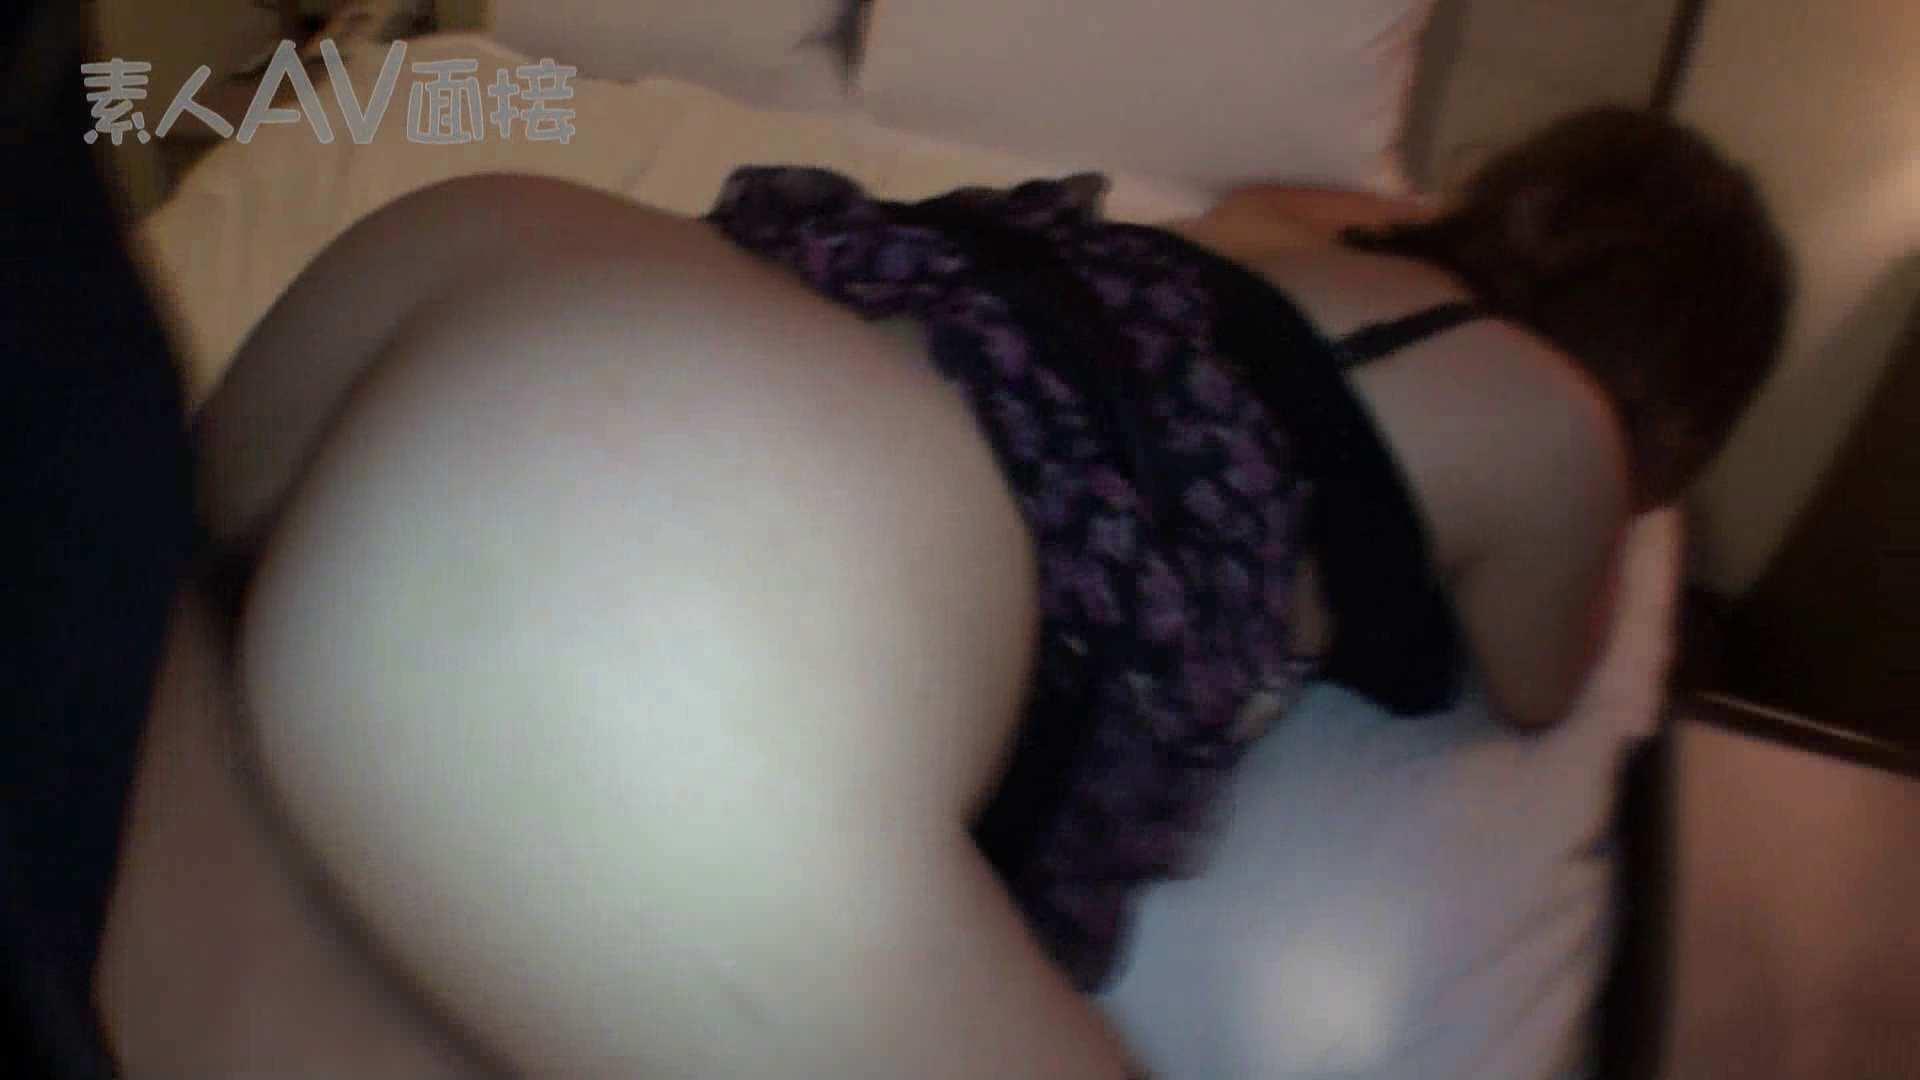 素人嬢がAV面接にやって来た。 仮名ゆみvol.3 いやらしい悶え声 オマンコ無修正動画無料 102pic 49